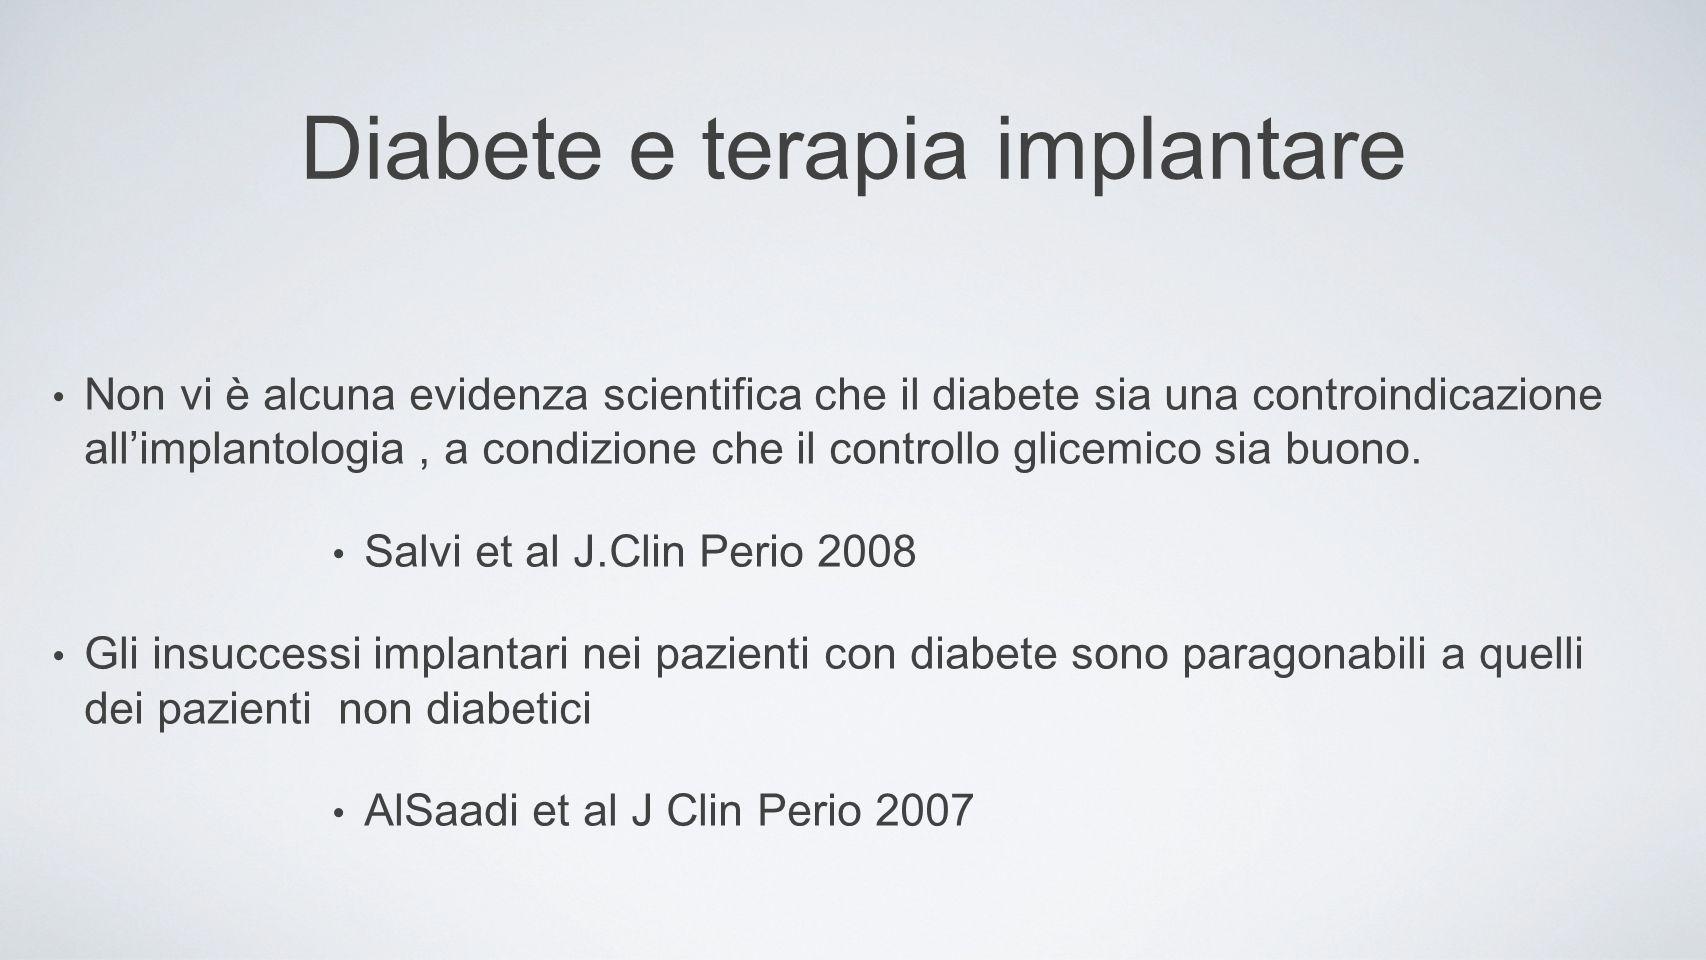 Diabete e terapia implantare Non vi è alcuna evidenza scientifica che il diabete sia una controindicazione allimplantologia, a condizione che il controllo glicemico sia buono.